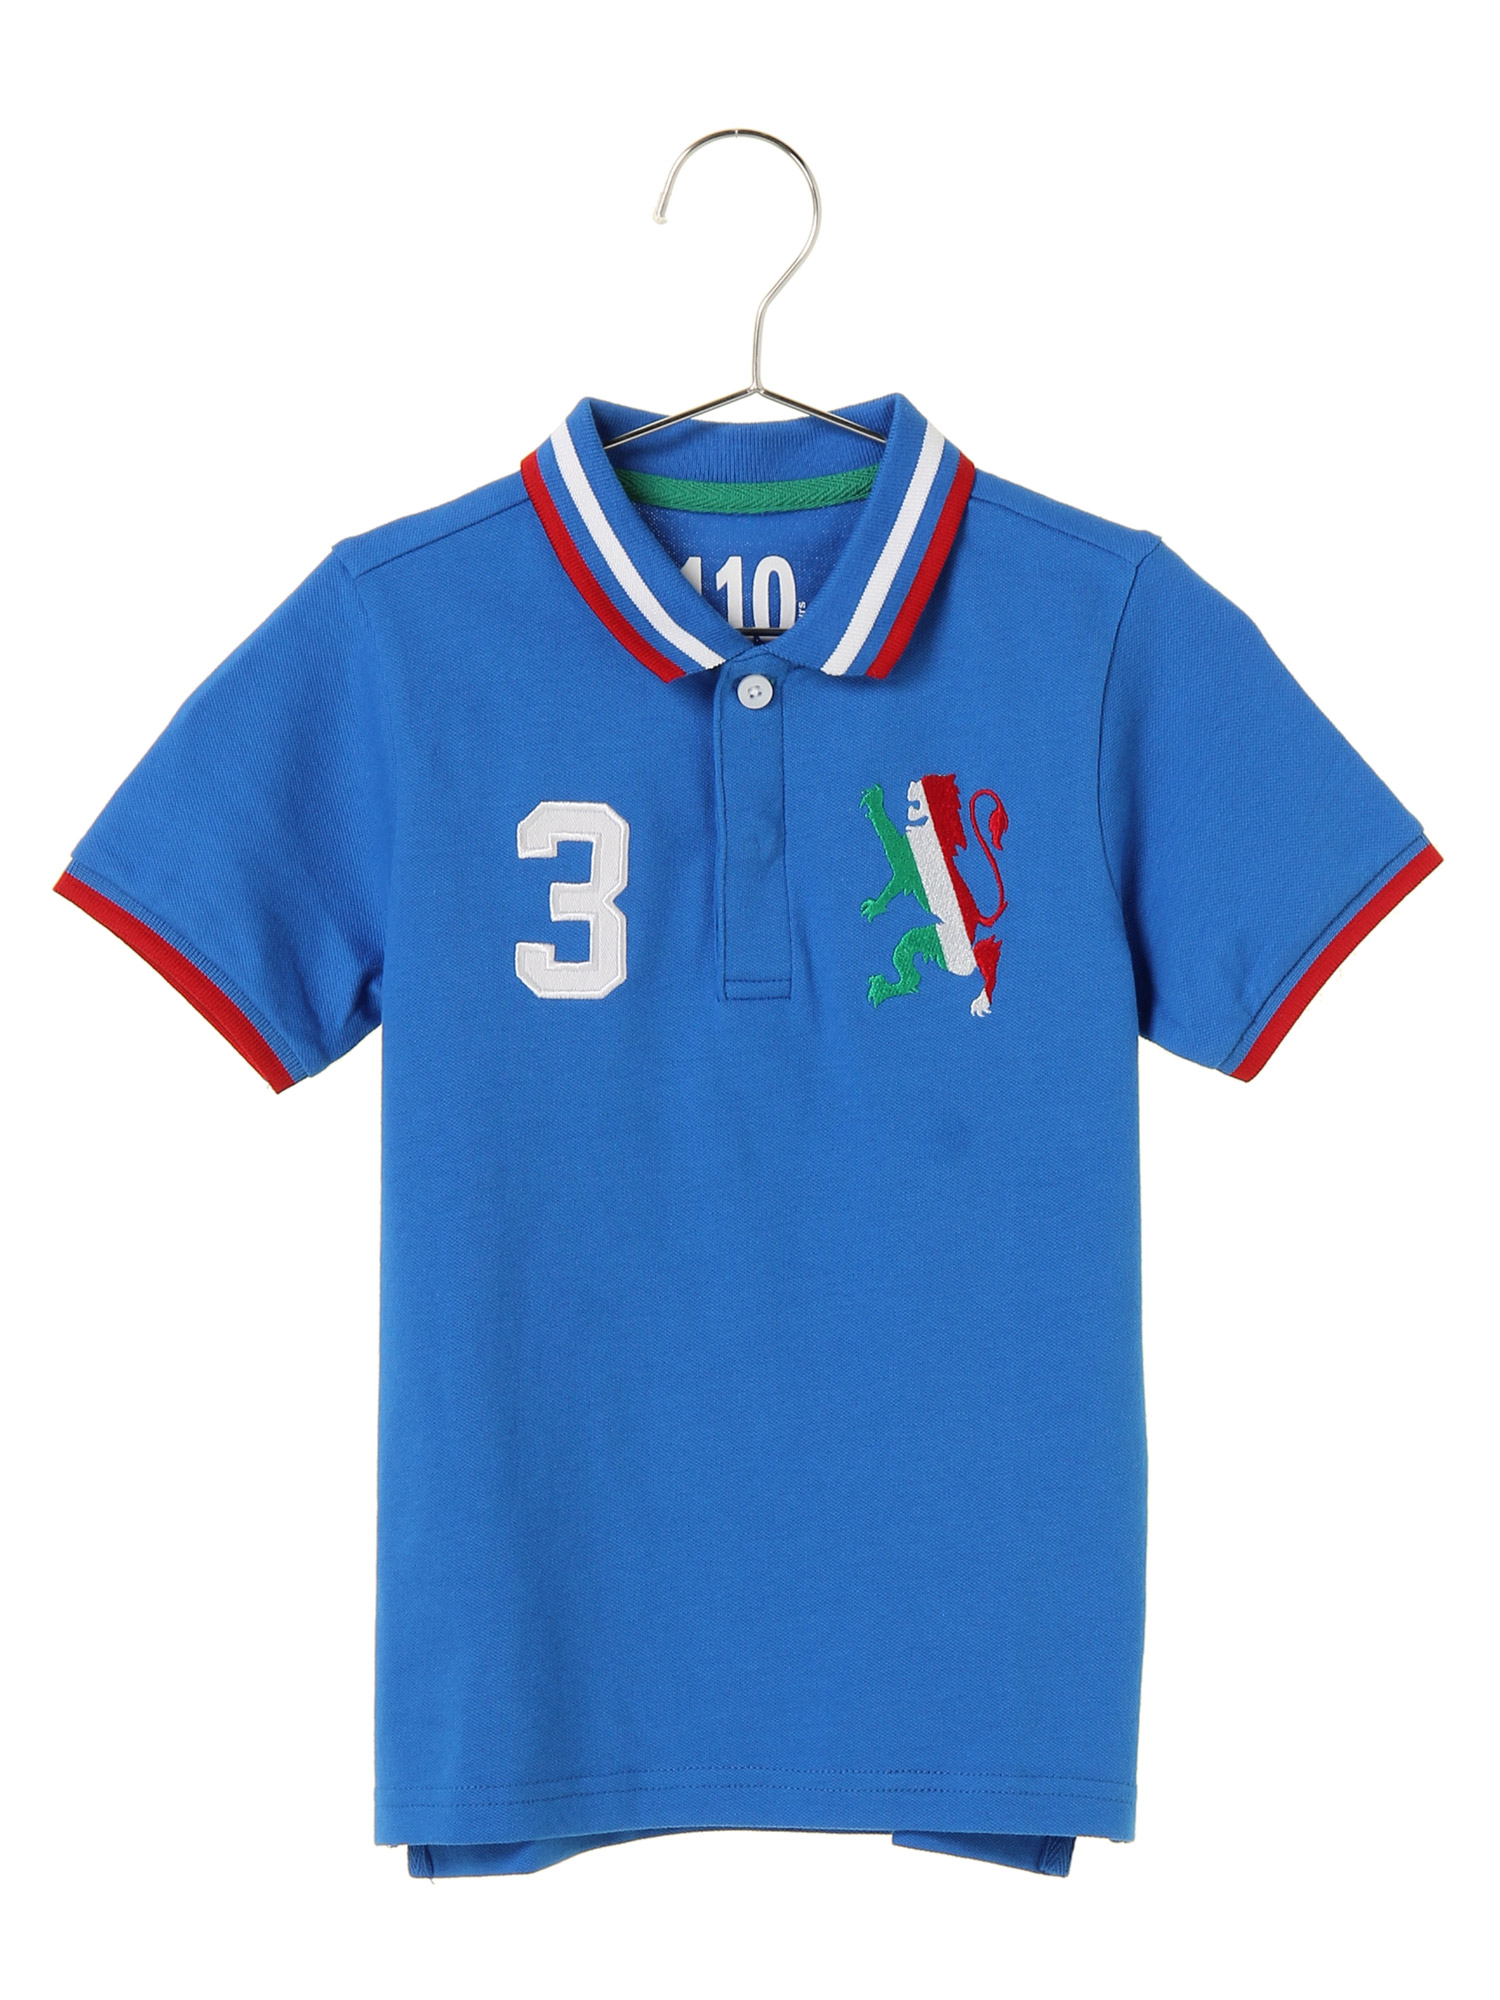 [GIORDANO]ワールドフラッグポロシャツ